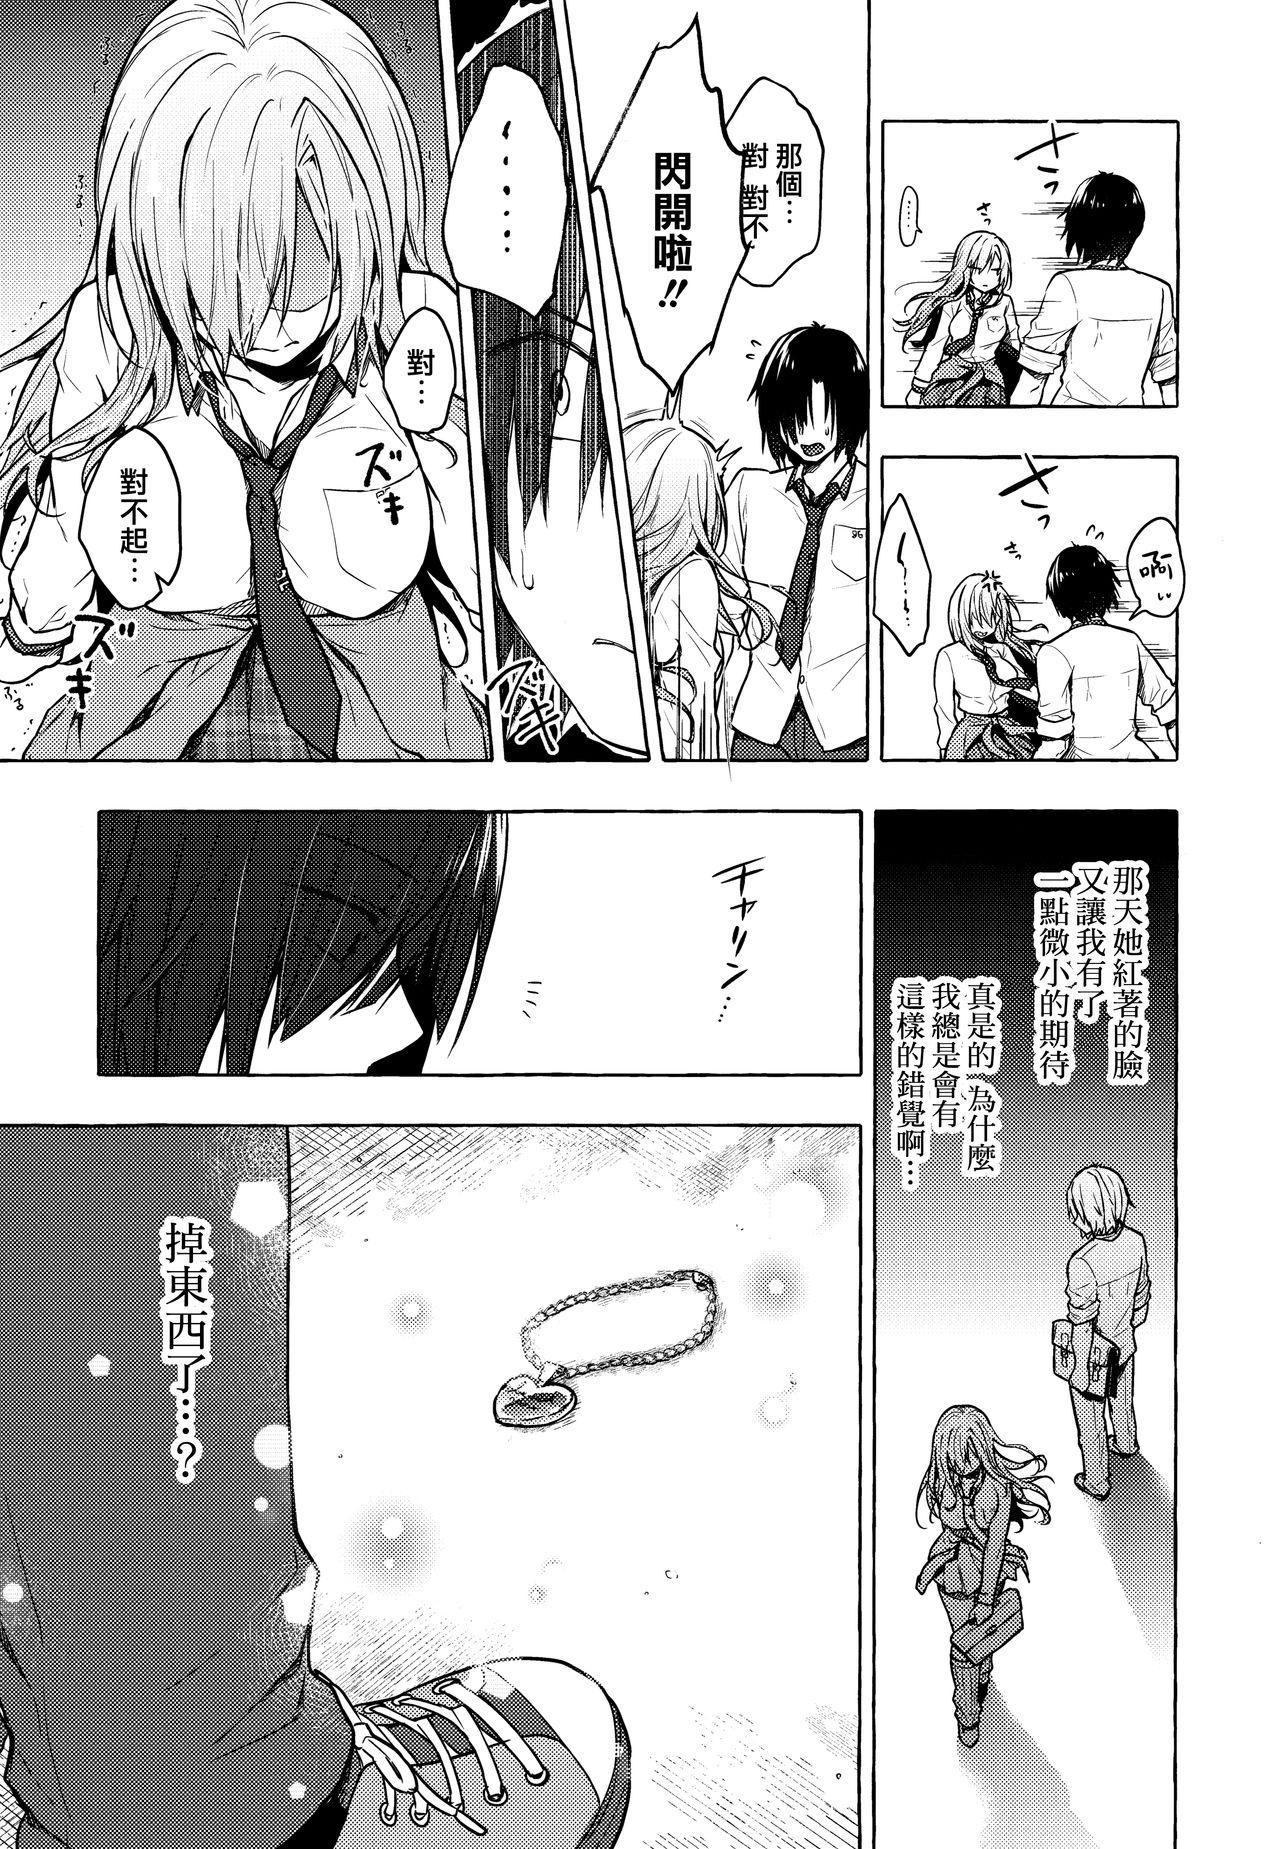 (Akihabara Chou Doujinsai) [Kinokonomi (konomi)] Gal Yuina-chan to Ecchi 2 -Kataomoi no Kanojo ga Boku ni Sekimen!?-  [Chinese] [兔司姬漢化組] 6